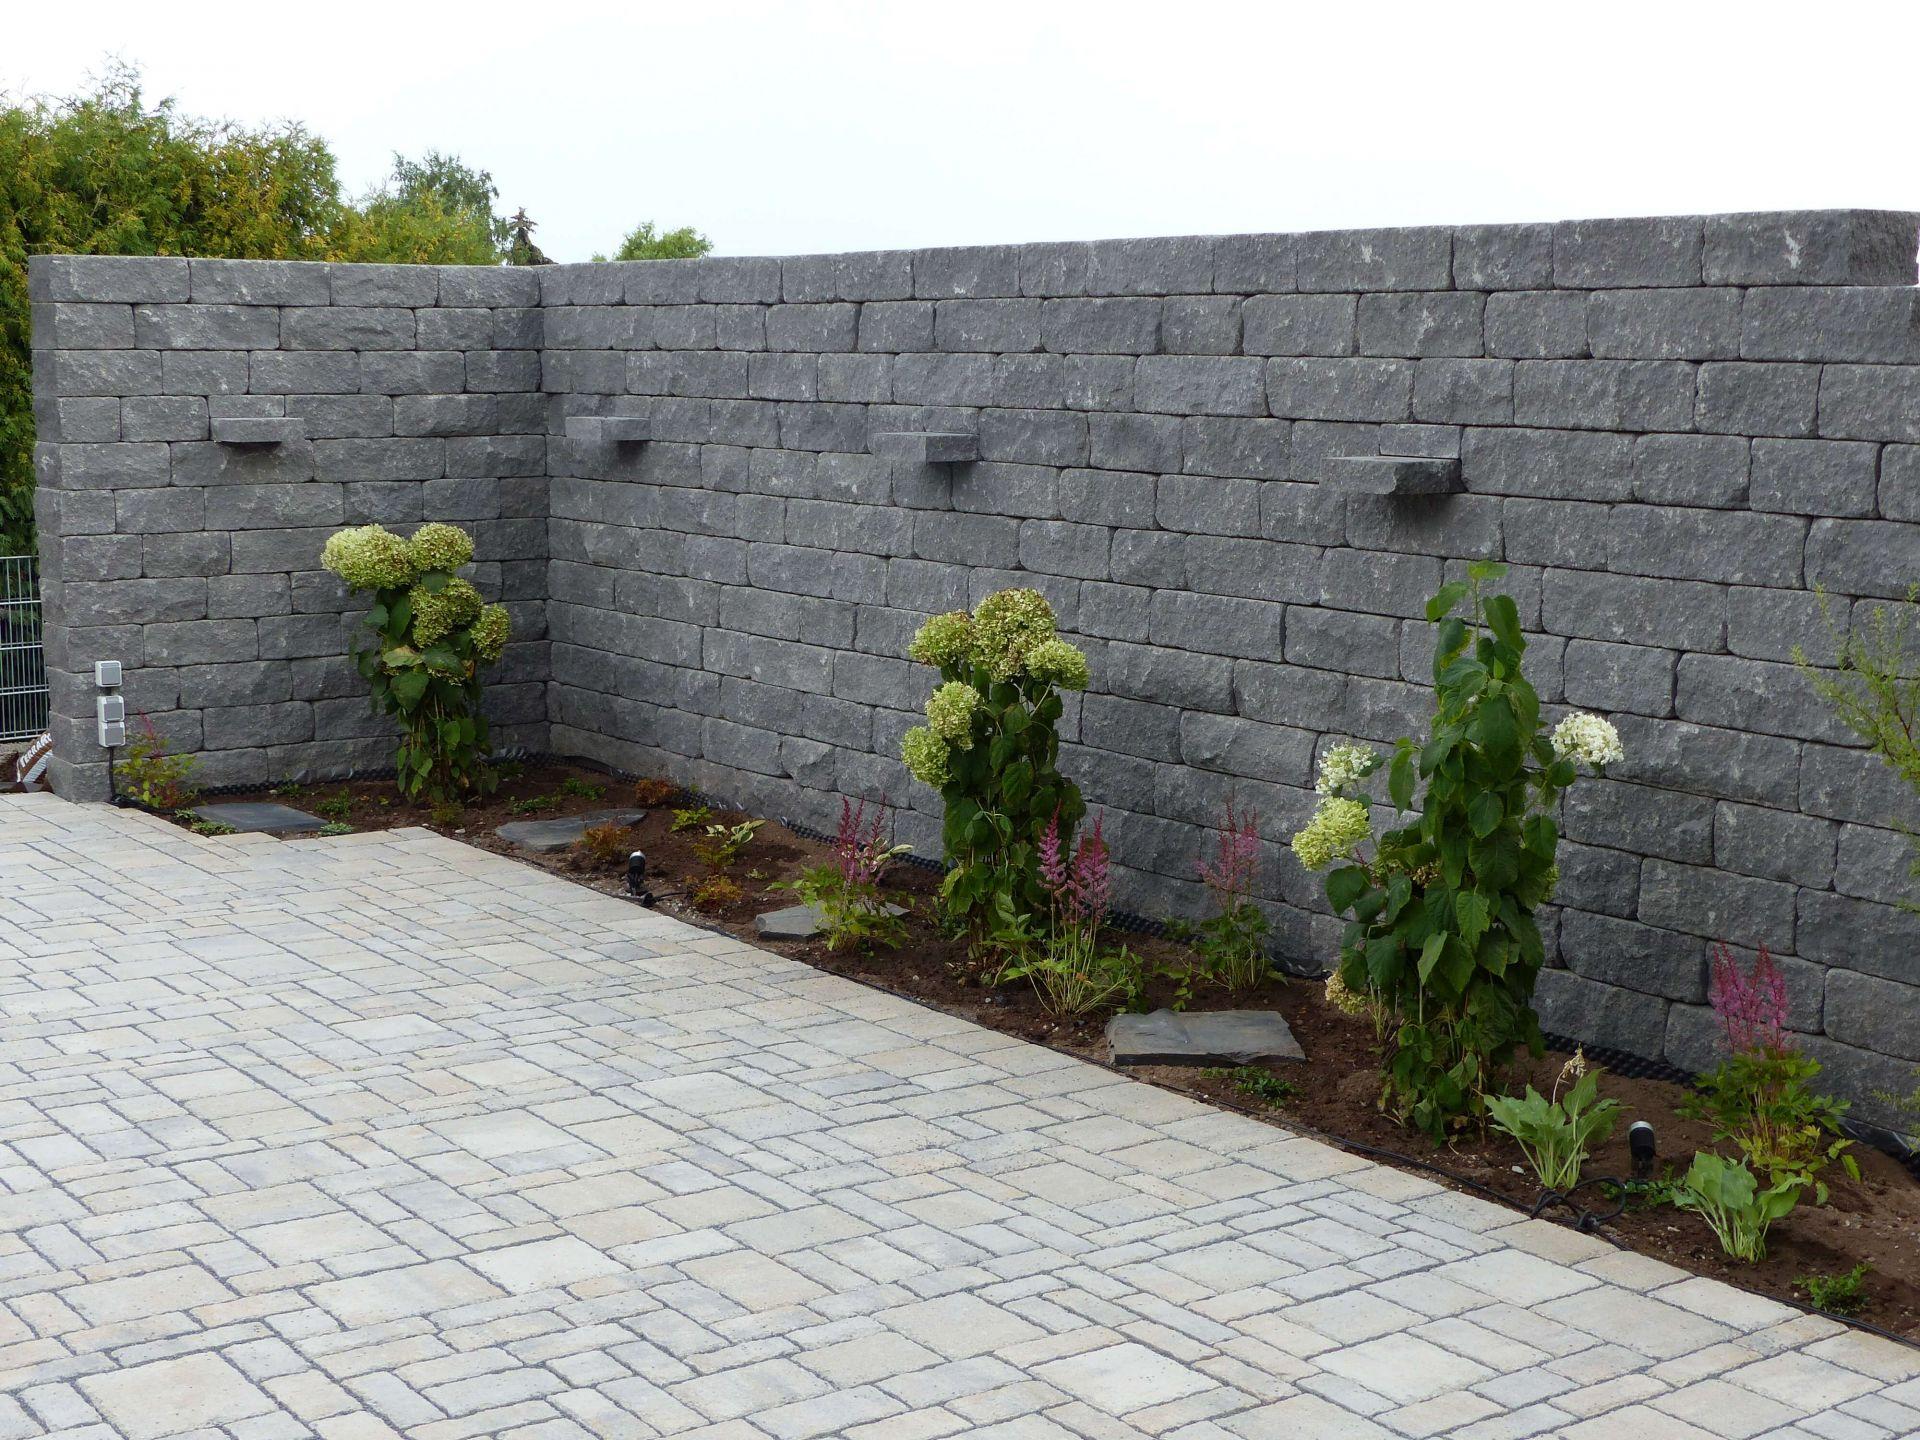 Mauerbau Bei Der Gartengestaltung Bietet Interessante Optionen